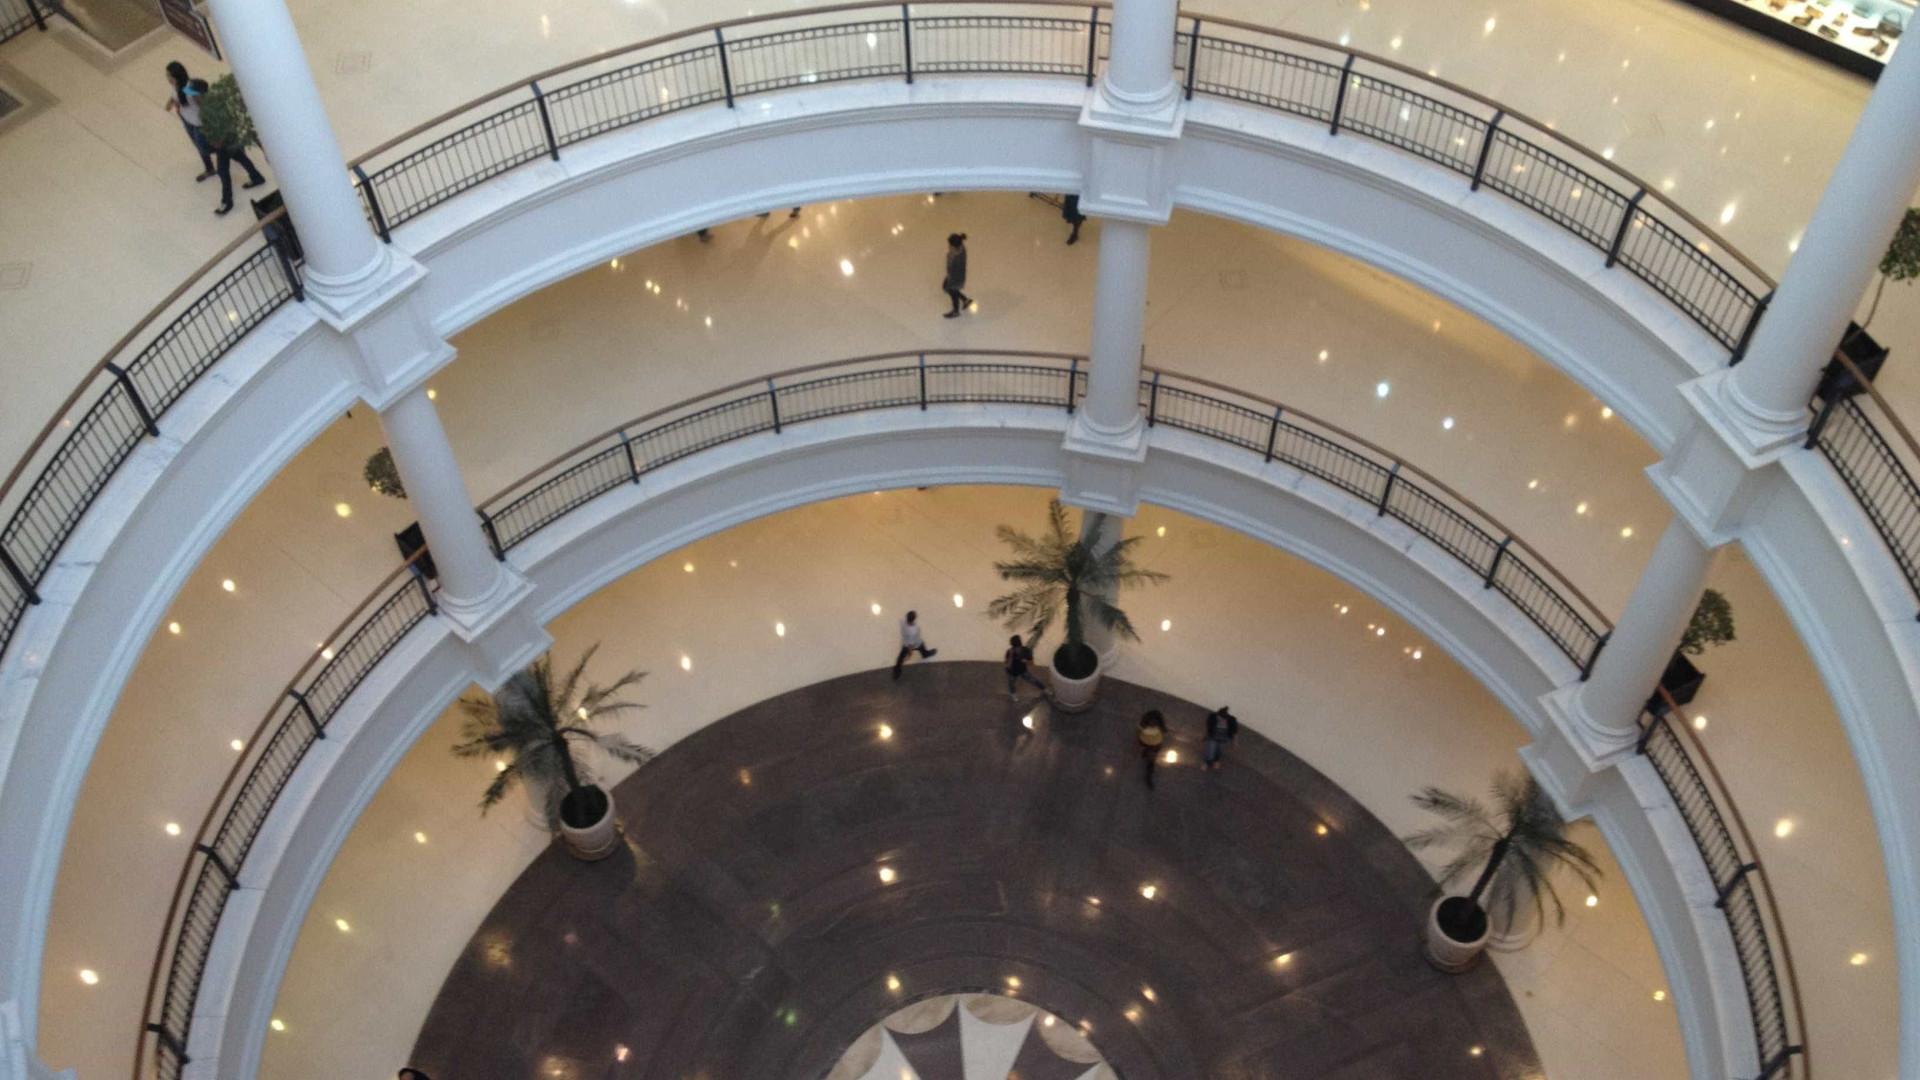 Entidades do movimento negro protestam no shopping Pátio Higienópolis